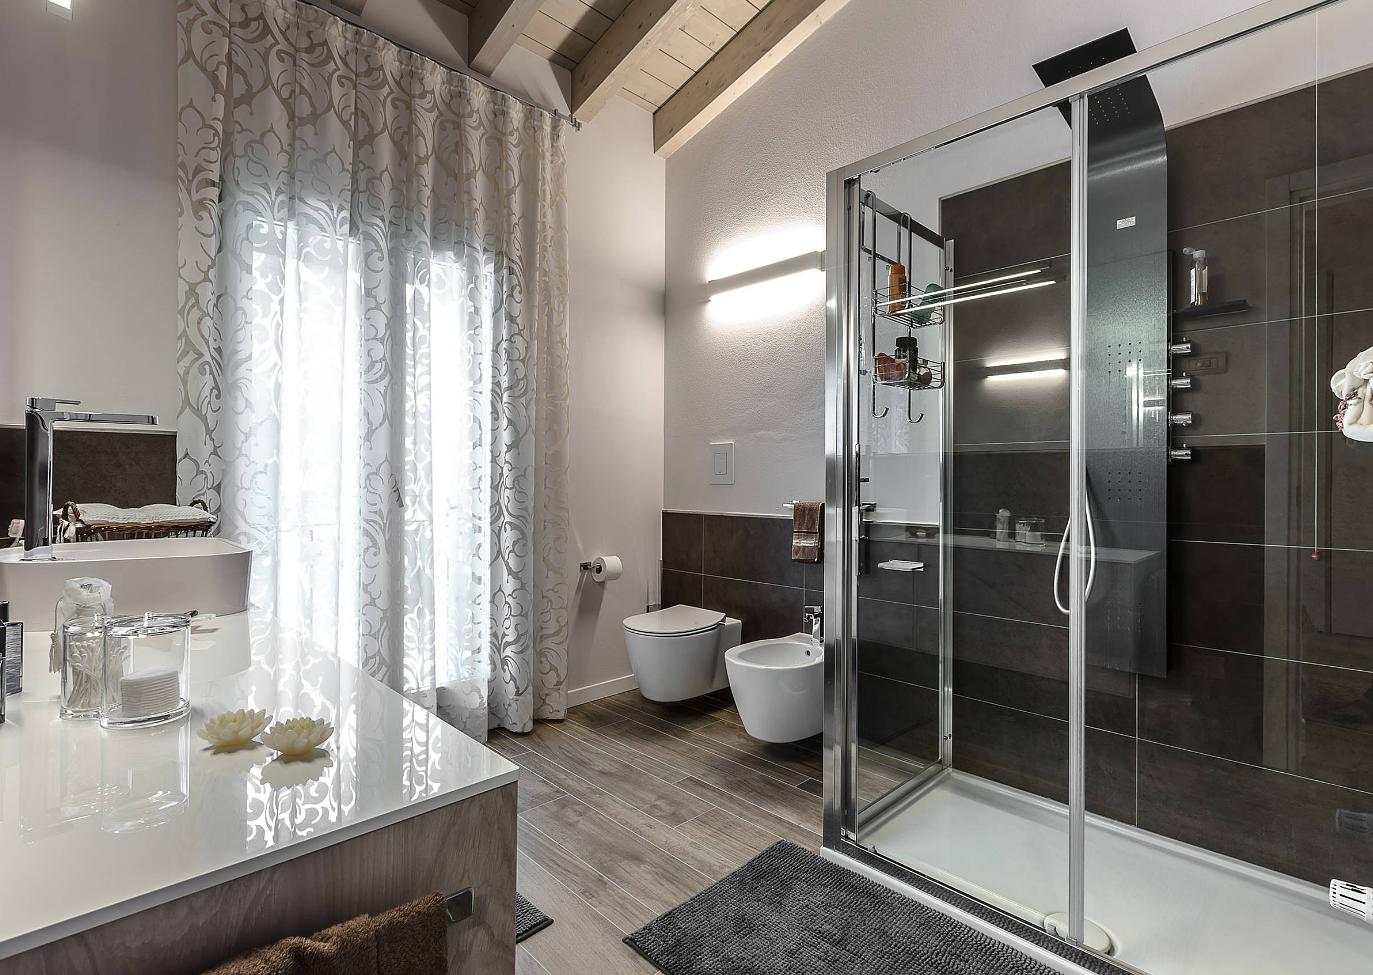 Idee piastrelle bagno moderno tf07 pineglen - Rinnovare il bagno senza rompere ...